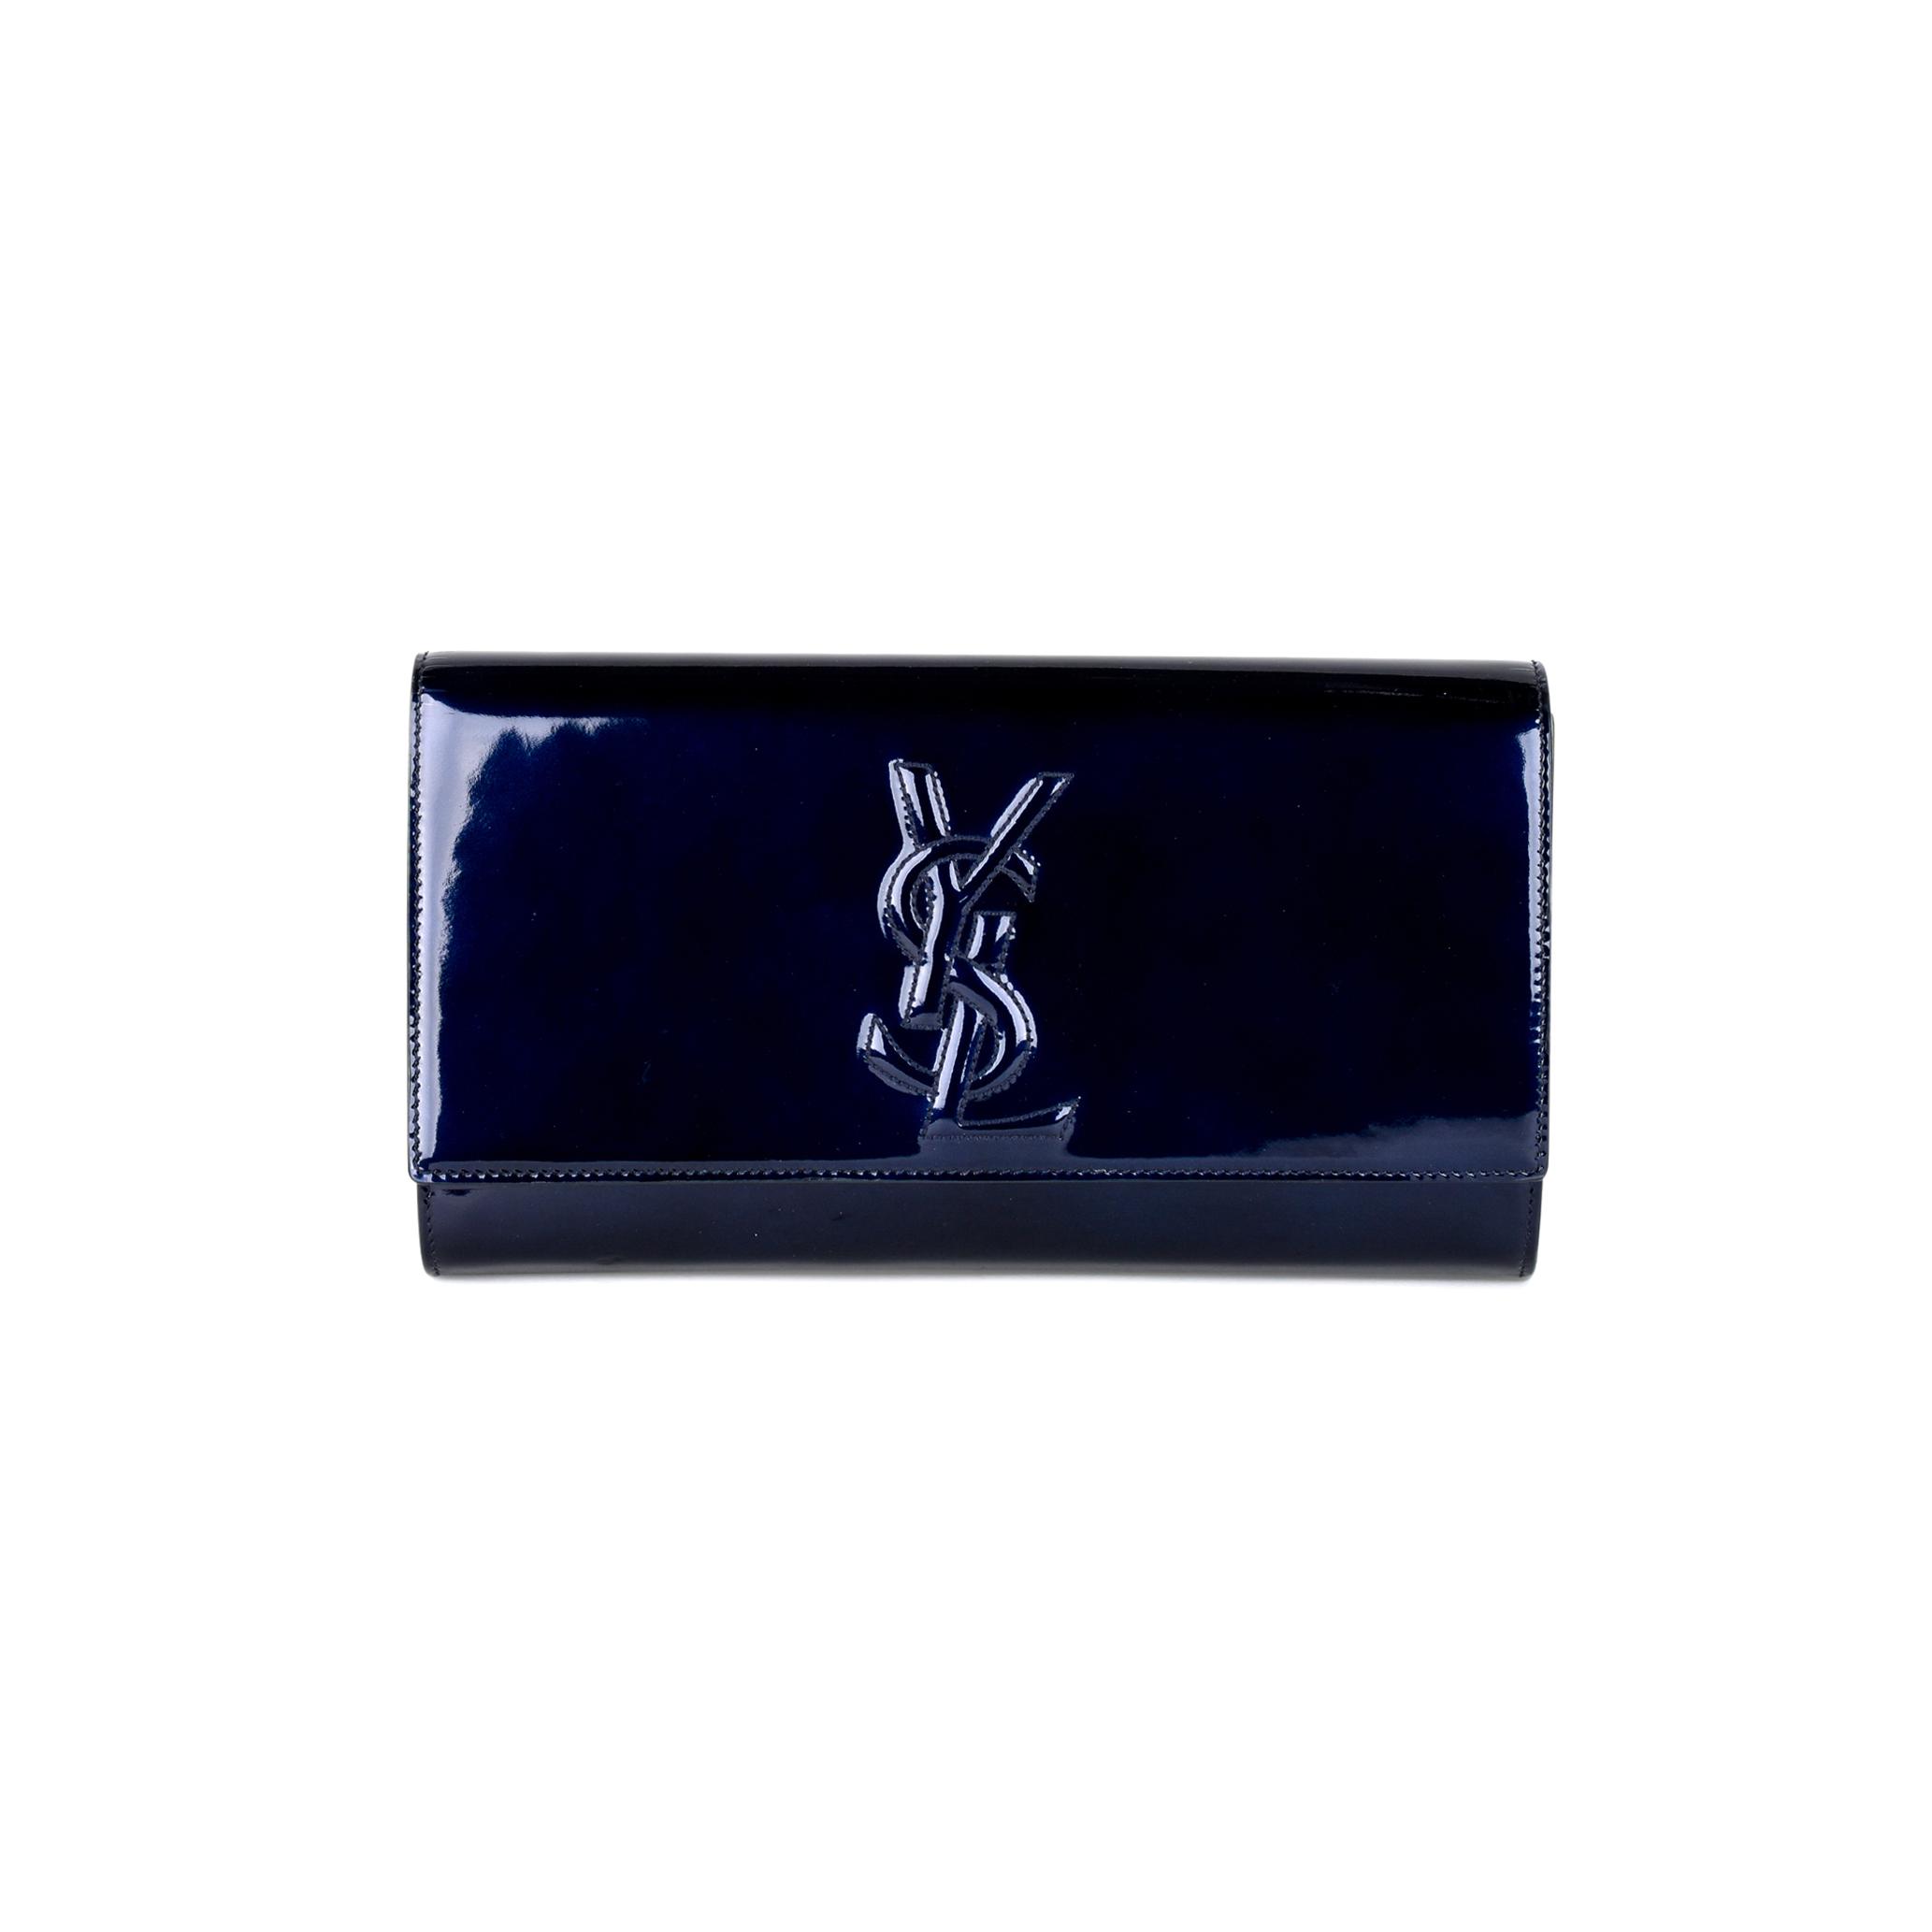 5889270681d Authentic Second Hand Yves Saint Laurent Belle de Jour Clutch  (PSS-451-00003) - THE FIFTH COLLECTION